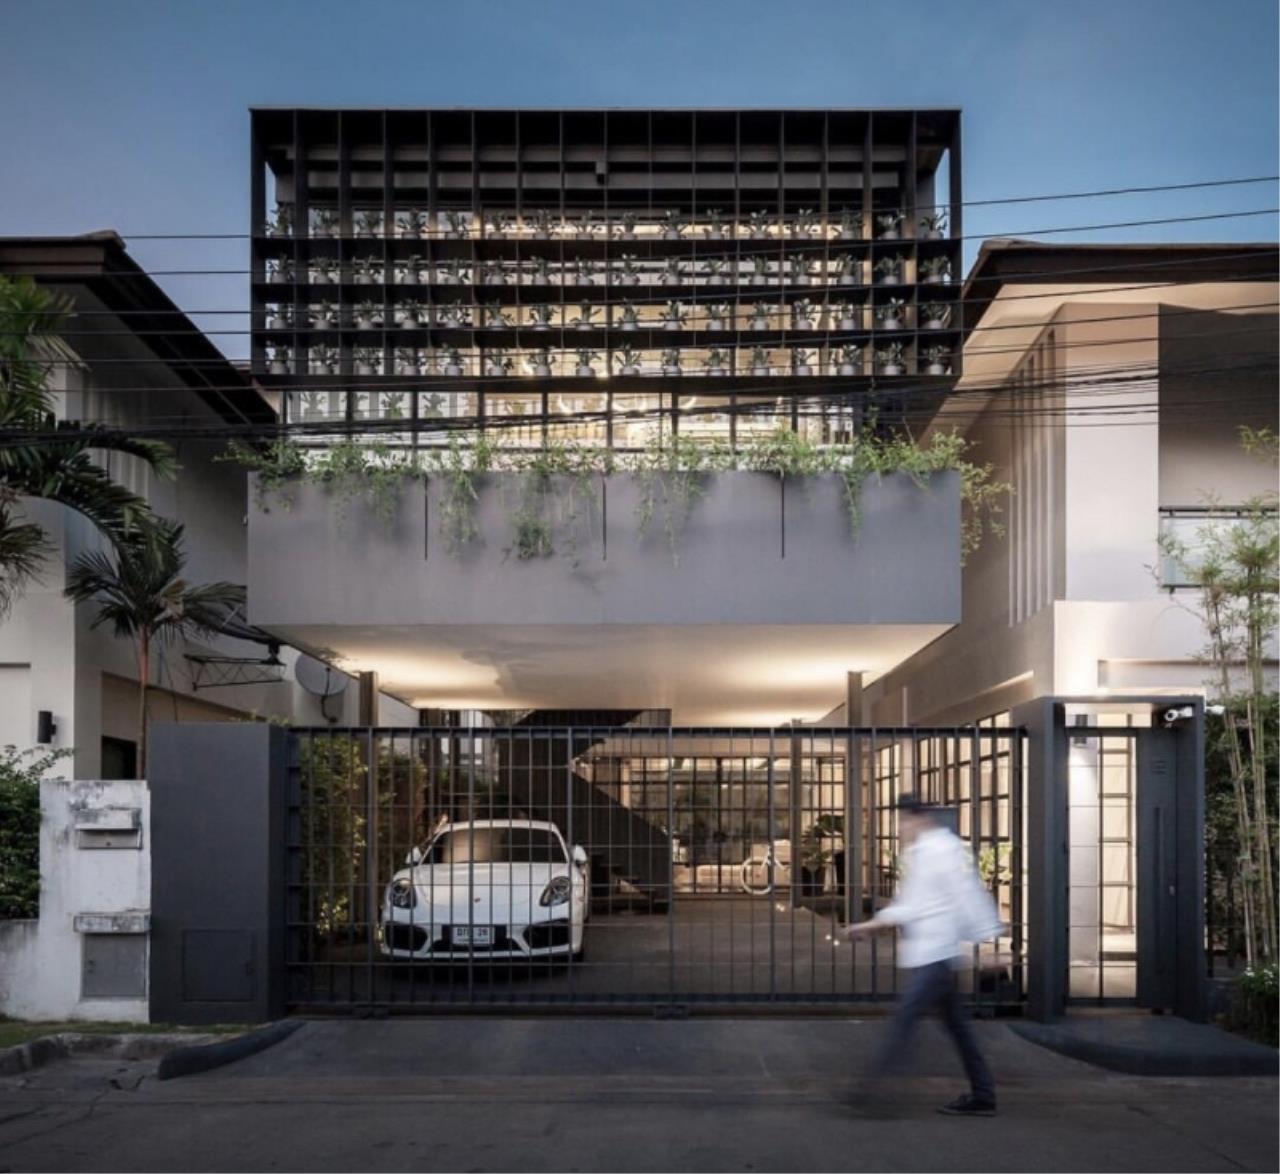 ขาย บ้าน แขวงลาดพร้าว เขตลาดพร้าว กรุงเทพมหานคร, ภาพที่ 2